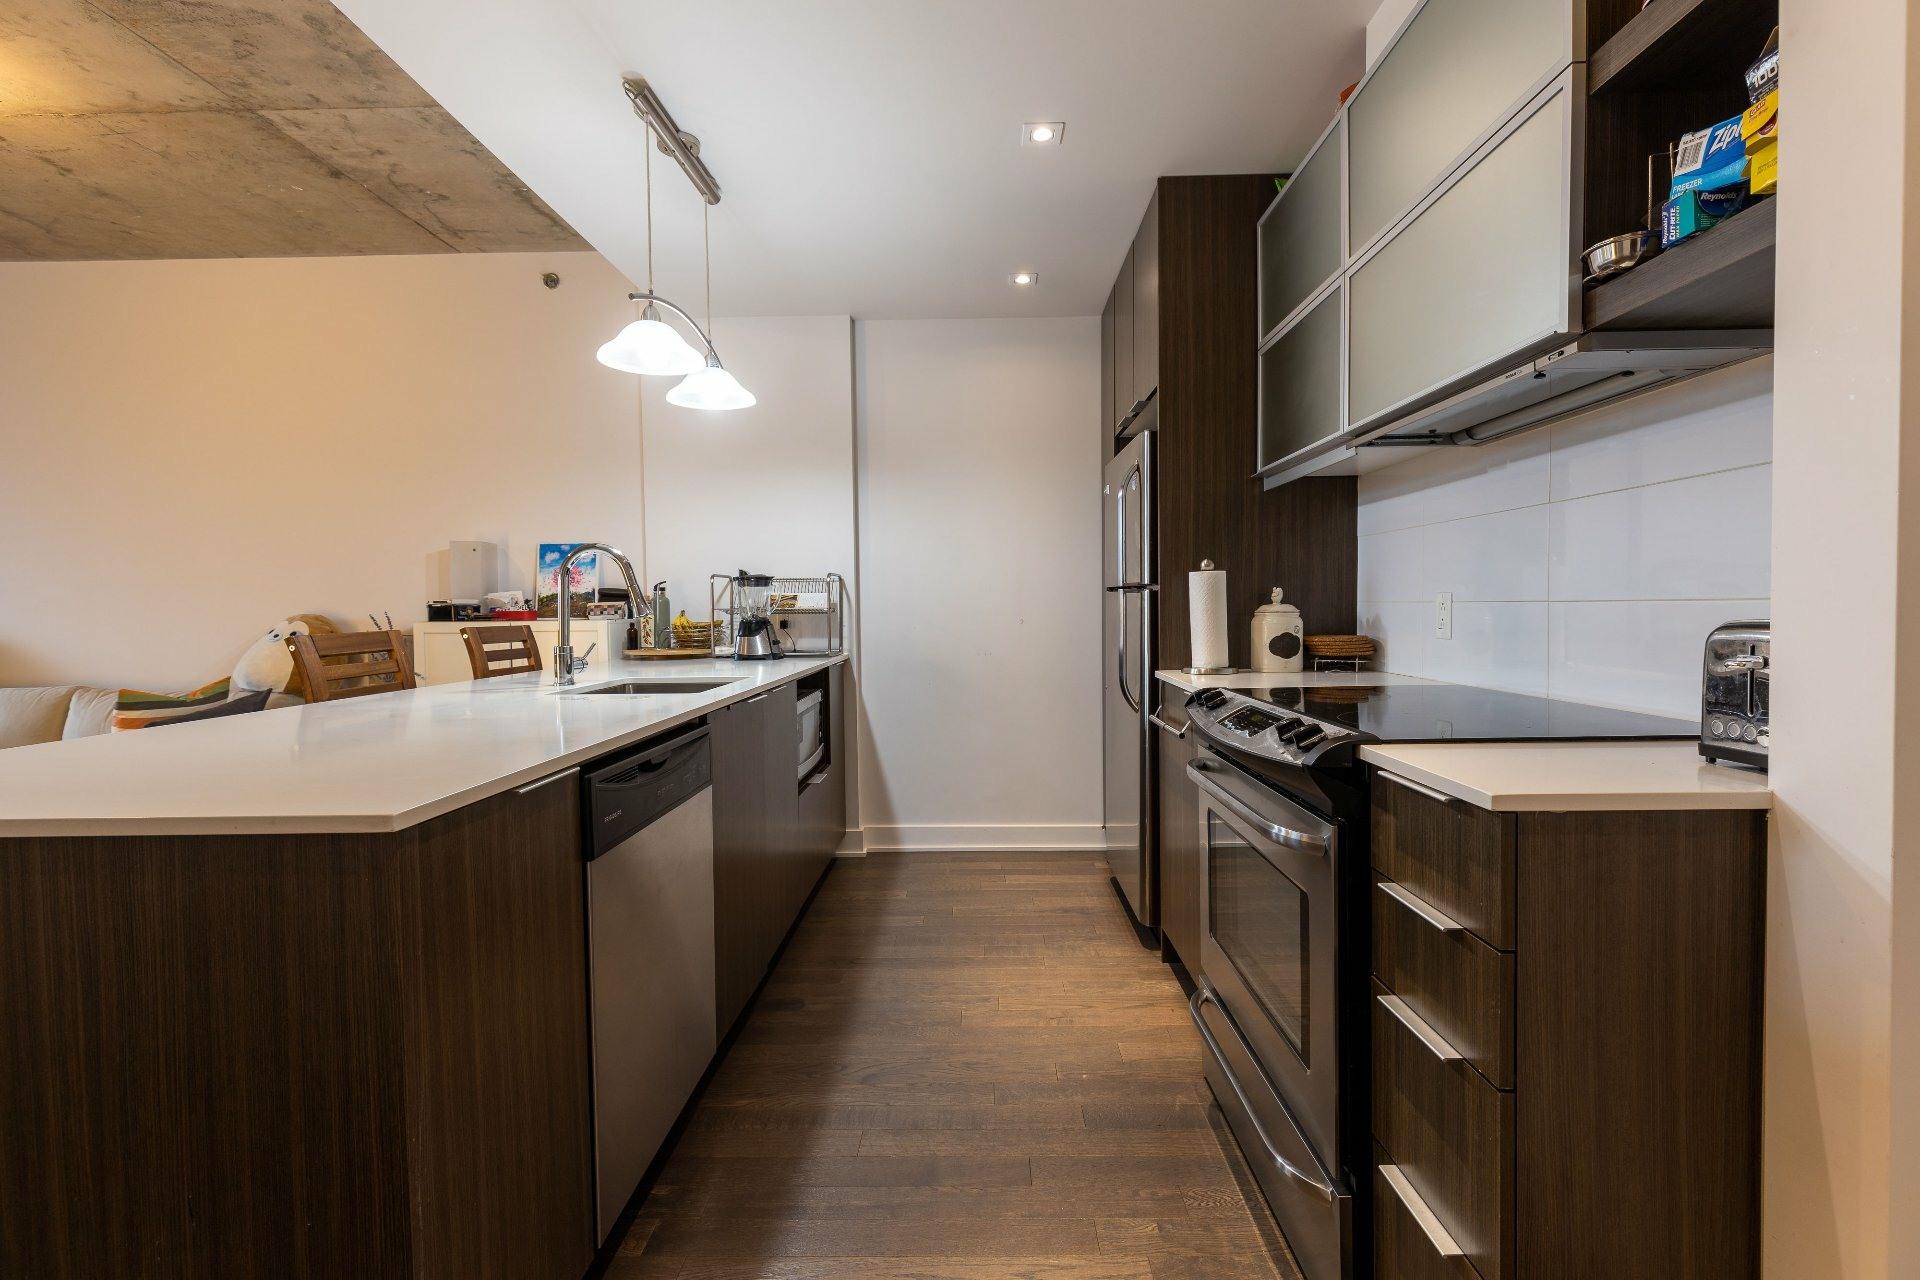 image 5 - Appartement À vendre Côte-des-Neiges/Notre-Dame-de-Grâce Montréal  - 5 pièces